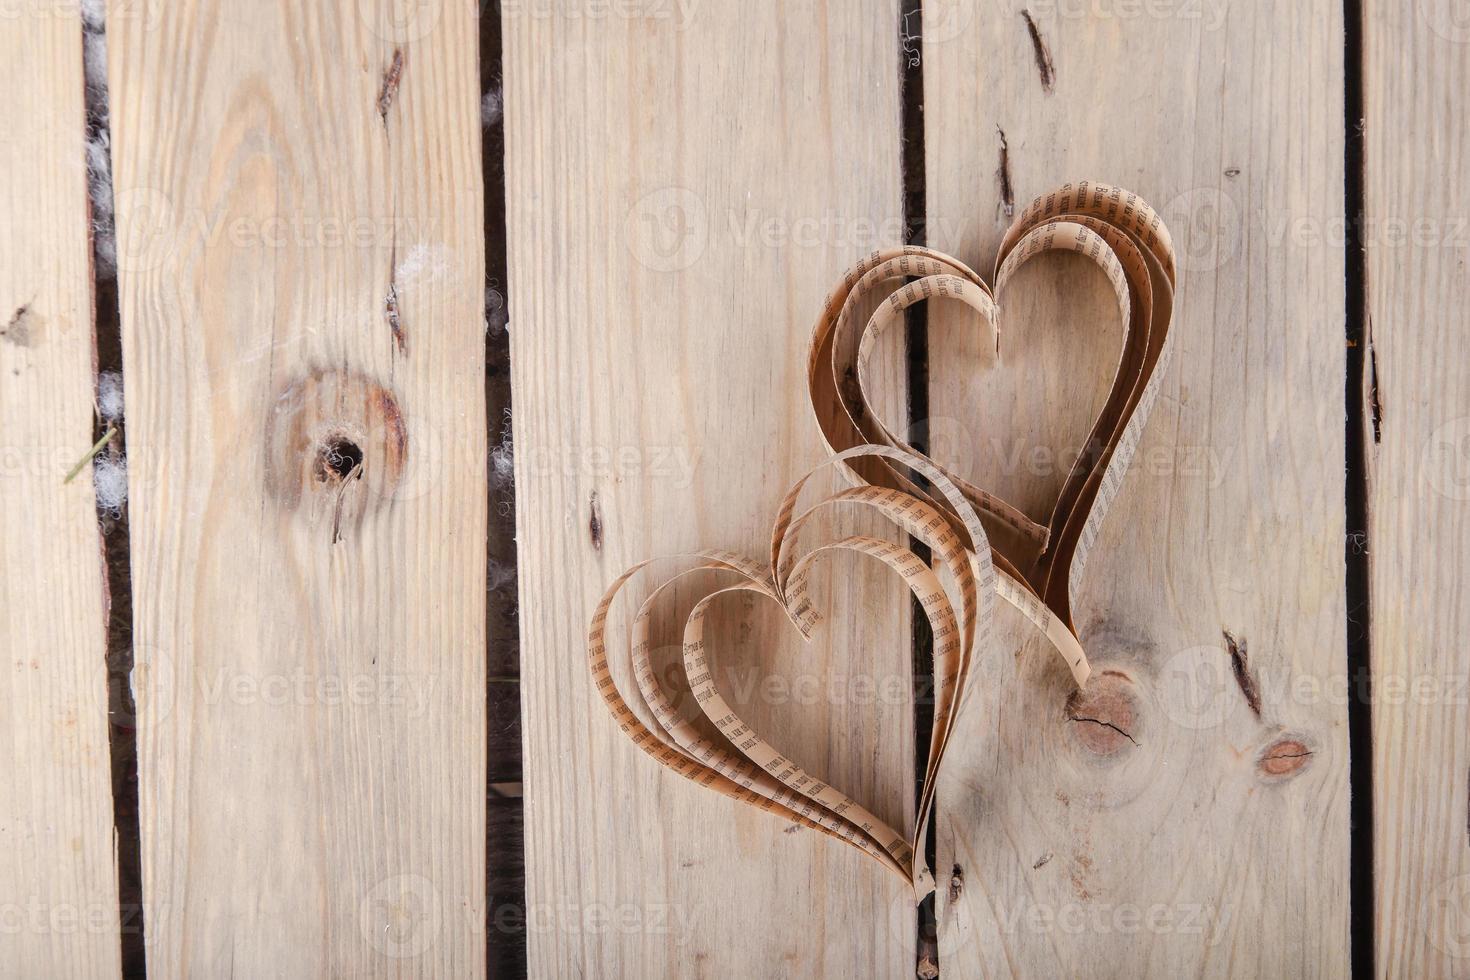 hartvormige uitgesneden st valentines harten foto